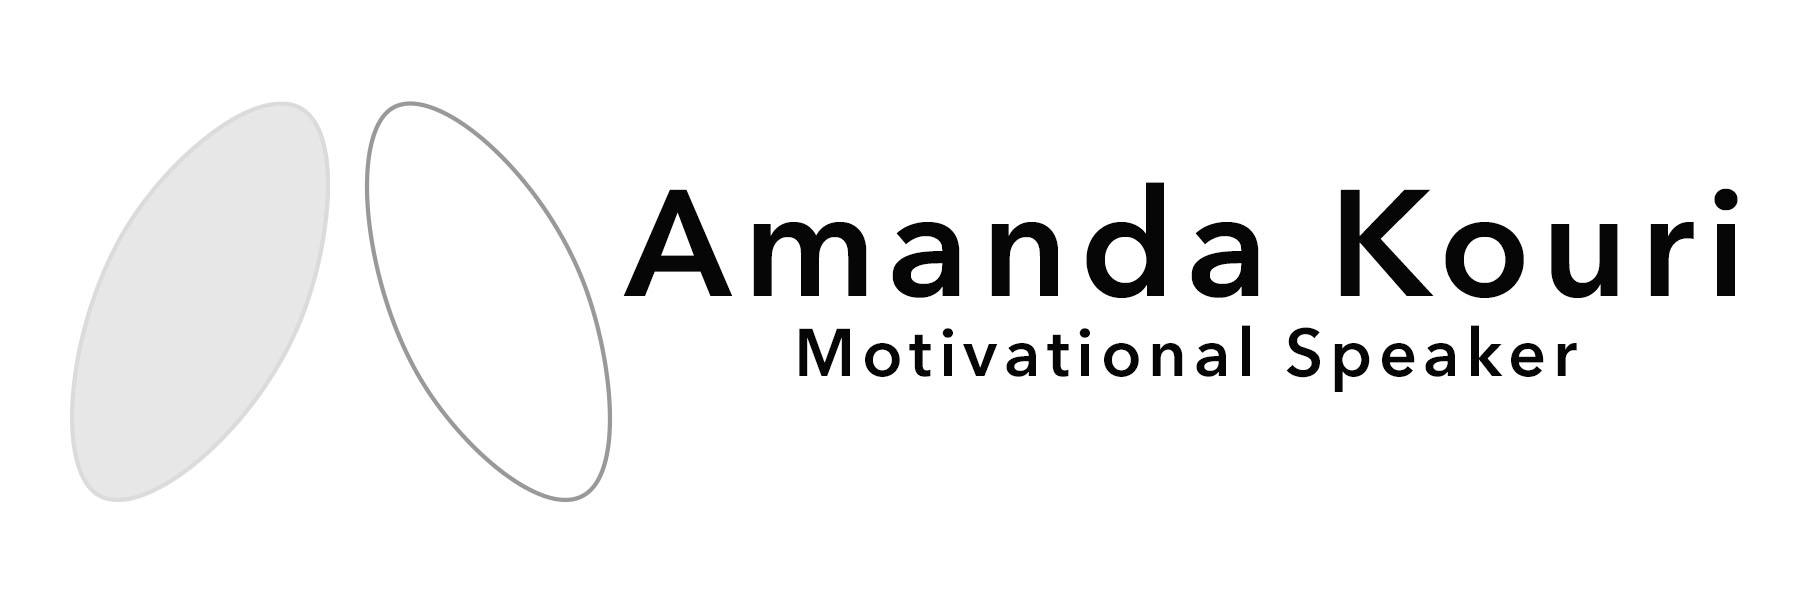 Amanda Kouri